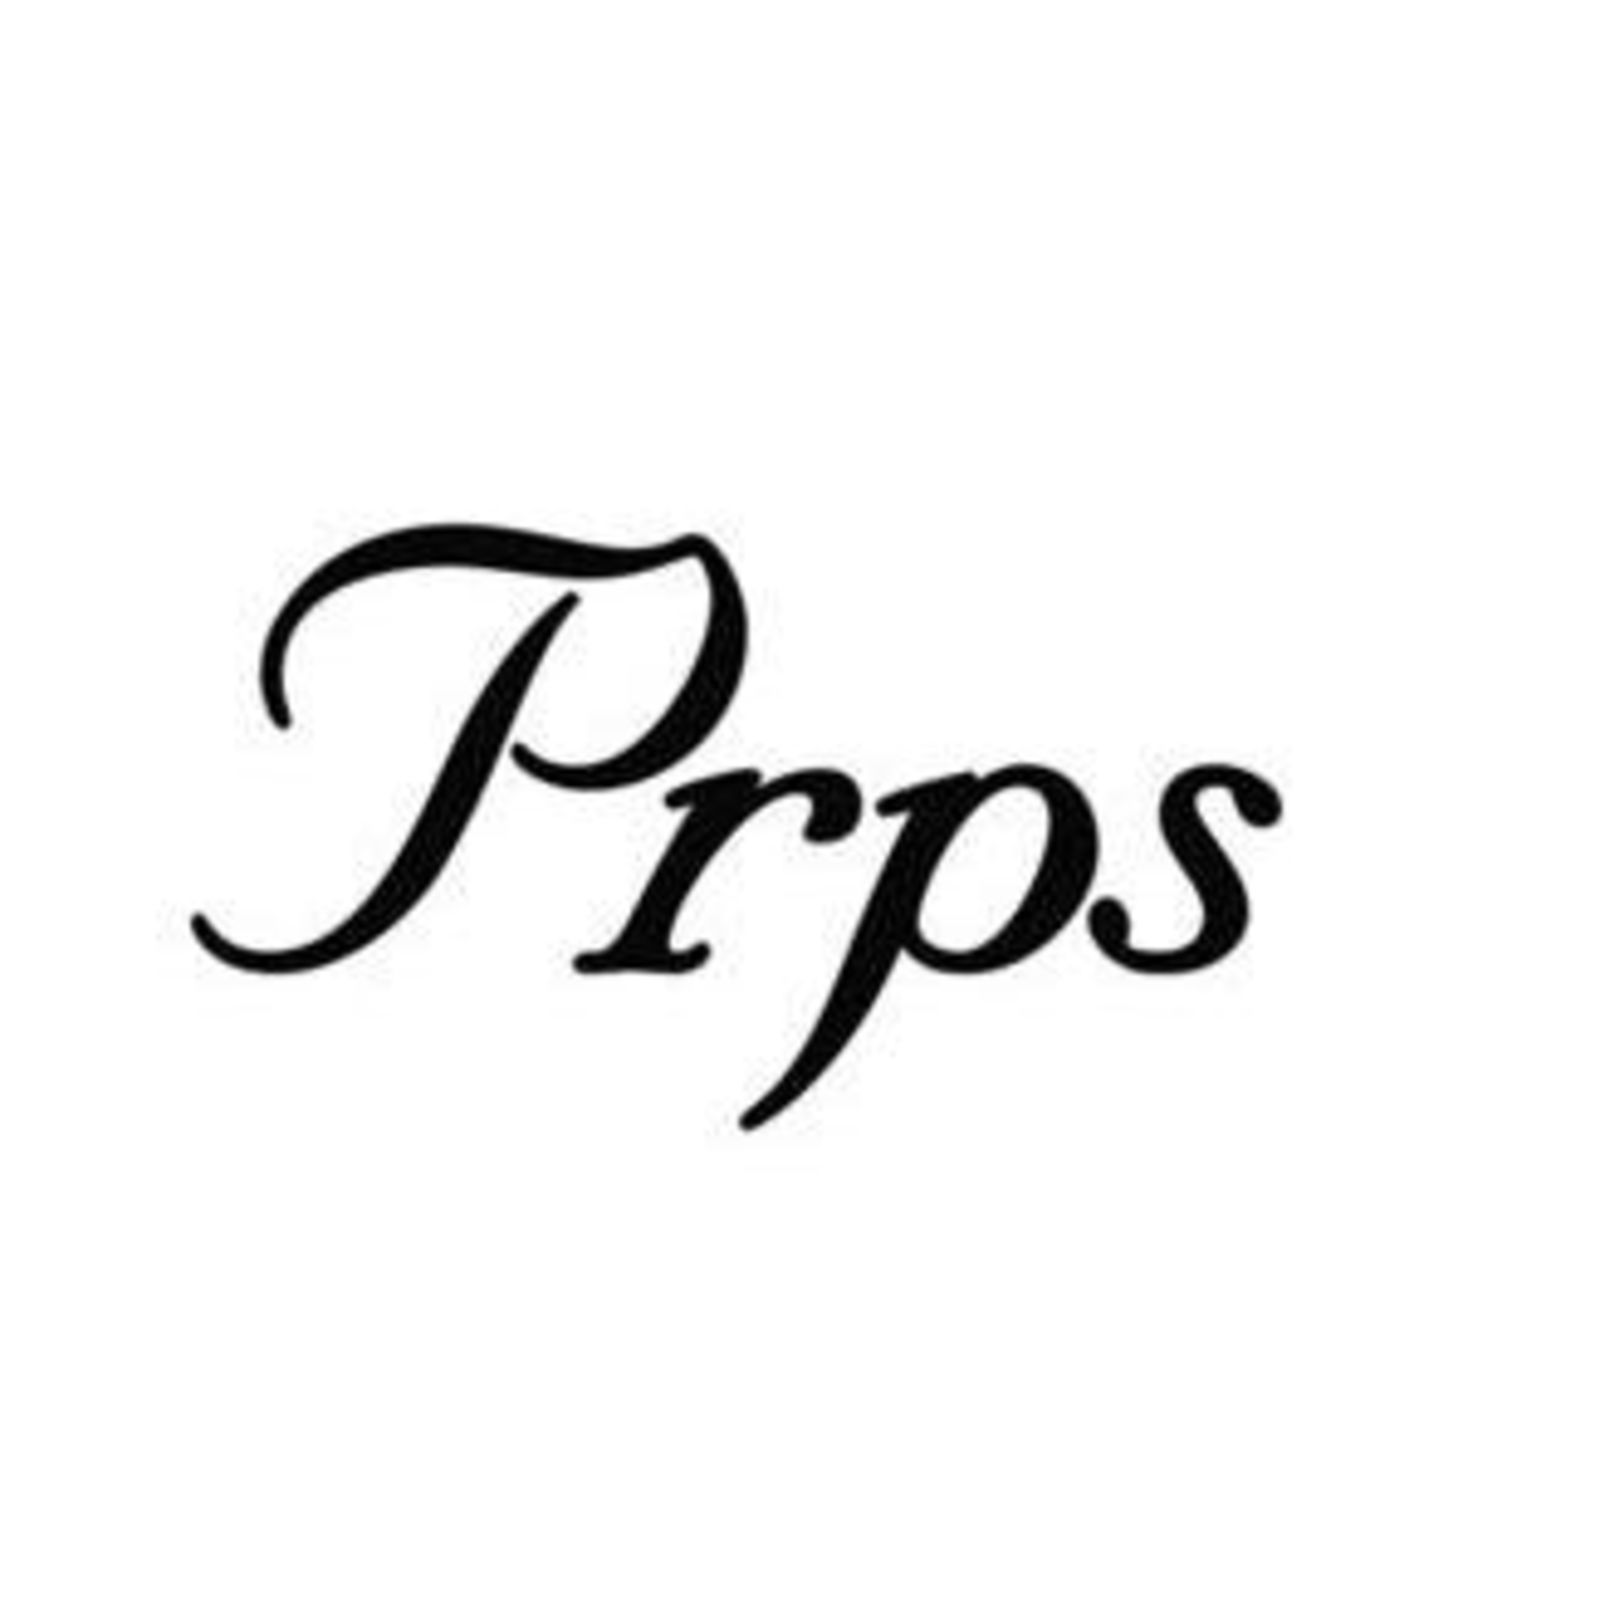 Prps Noir (Image 1)